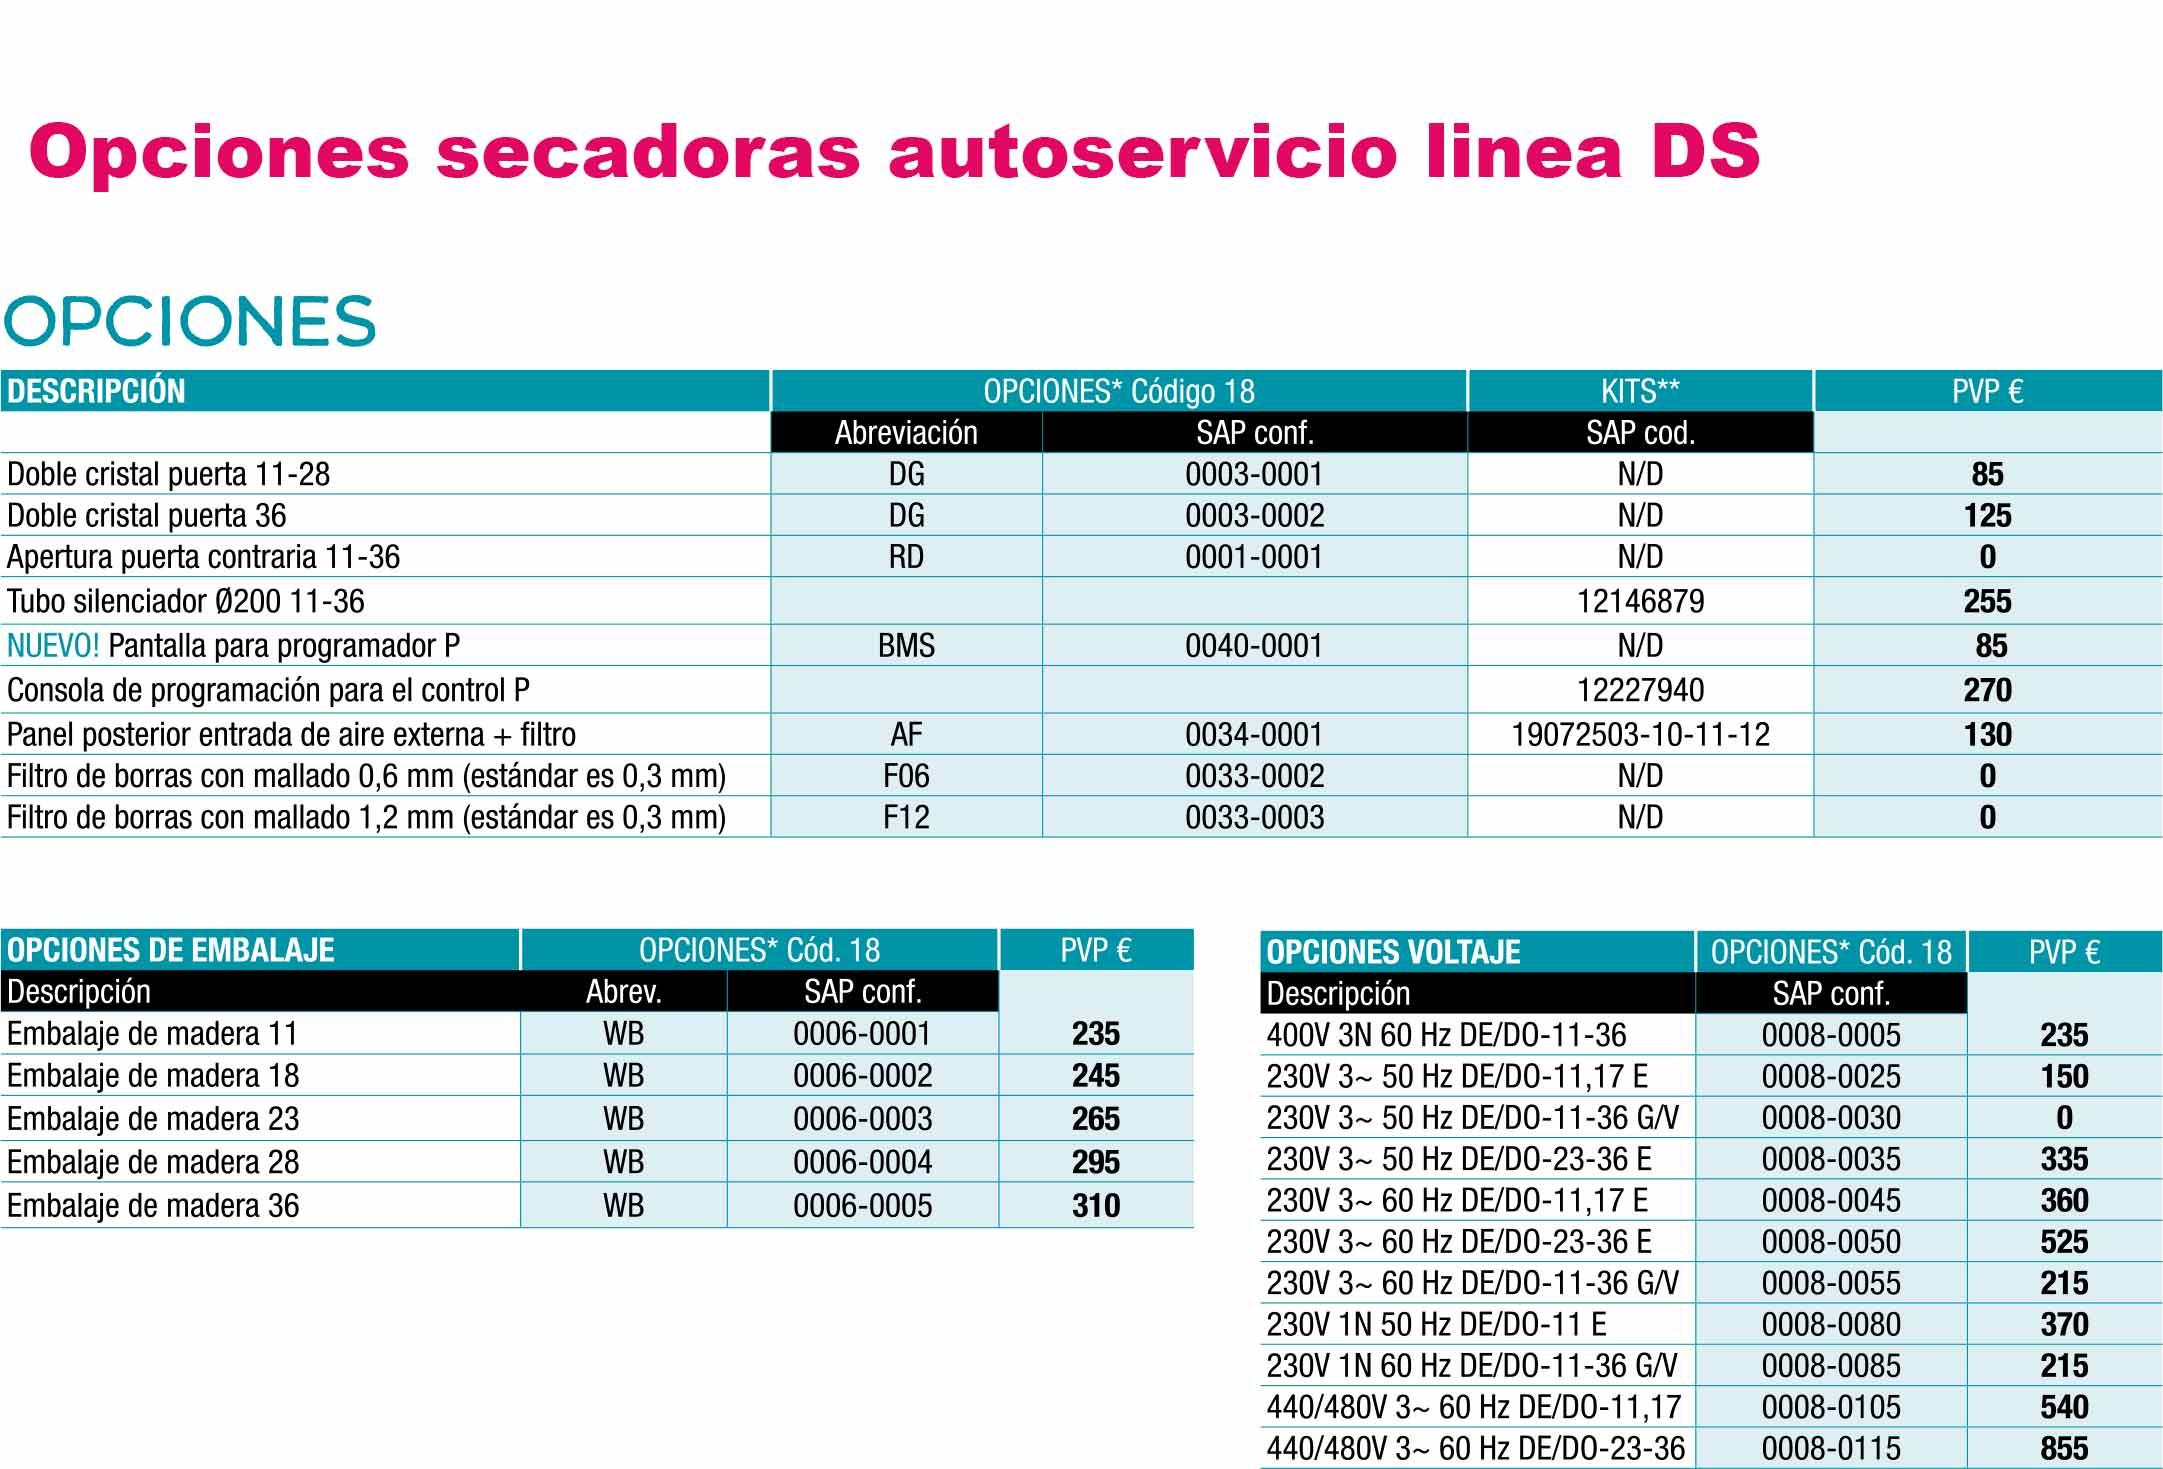 Opciones secadoras autoservicio linea DS